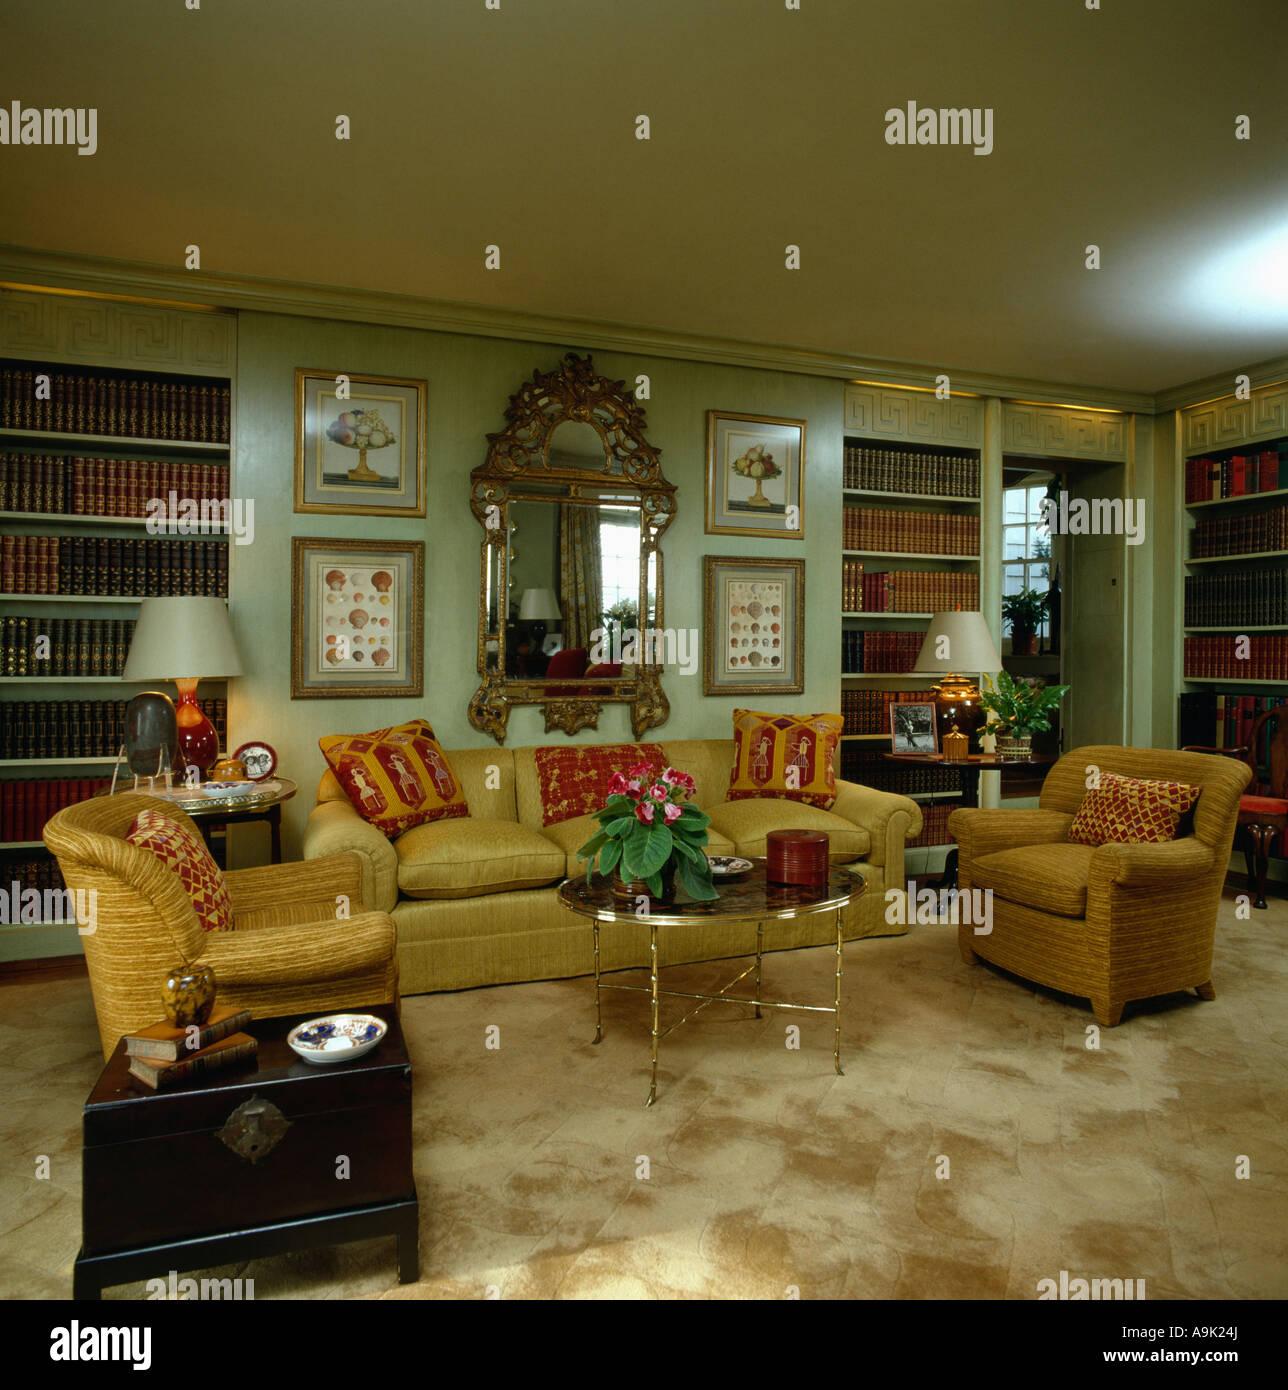 Verzierten goldgerahmten Spiegel über dem gelben Sofa und Sesseln in ...